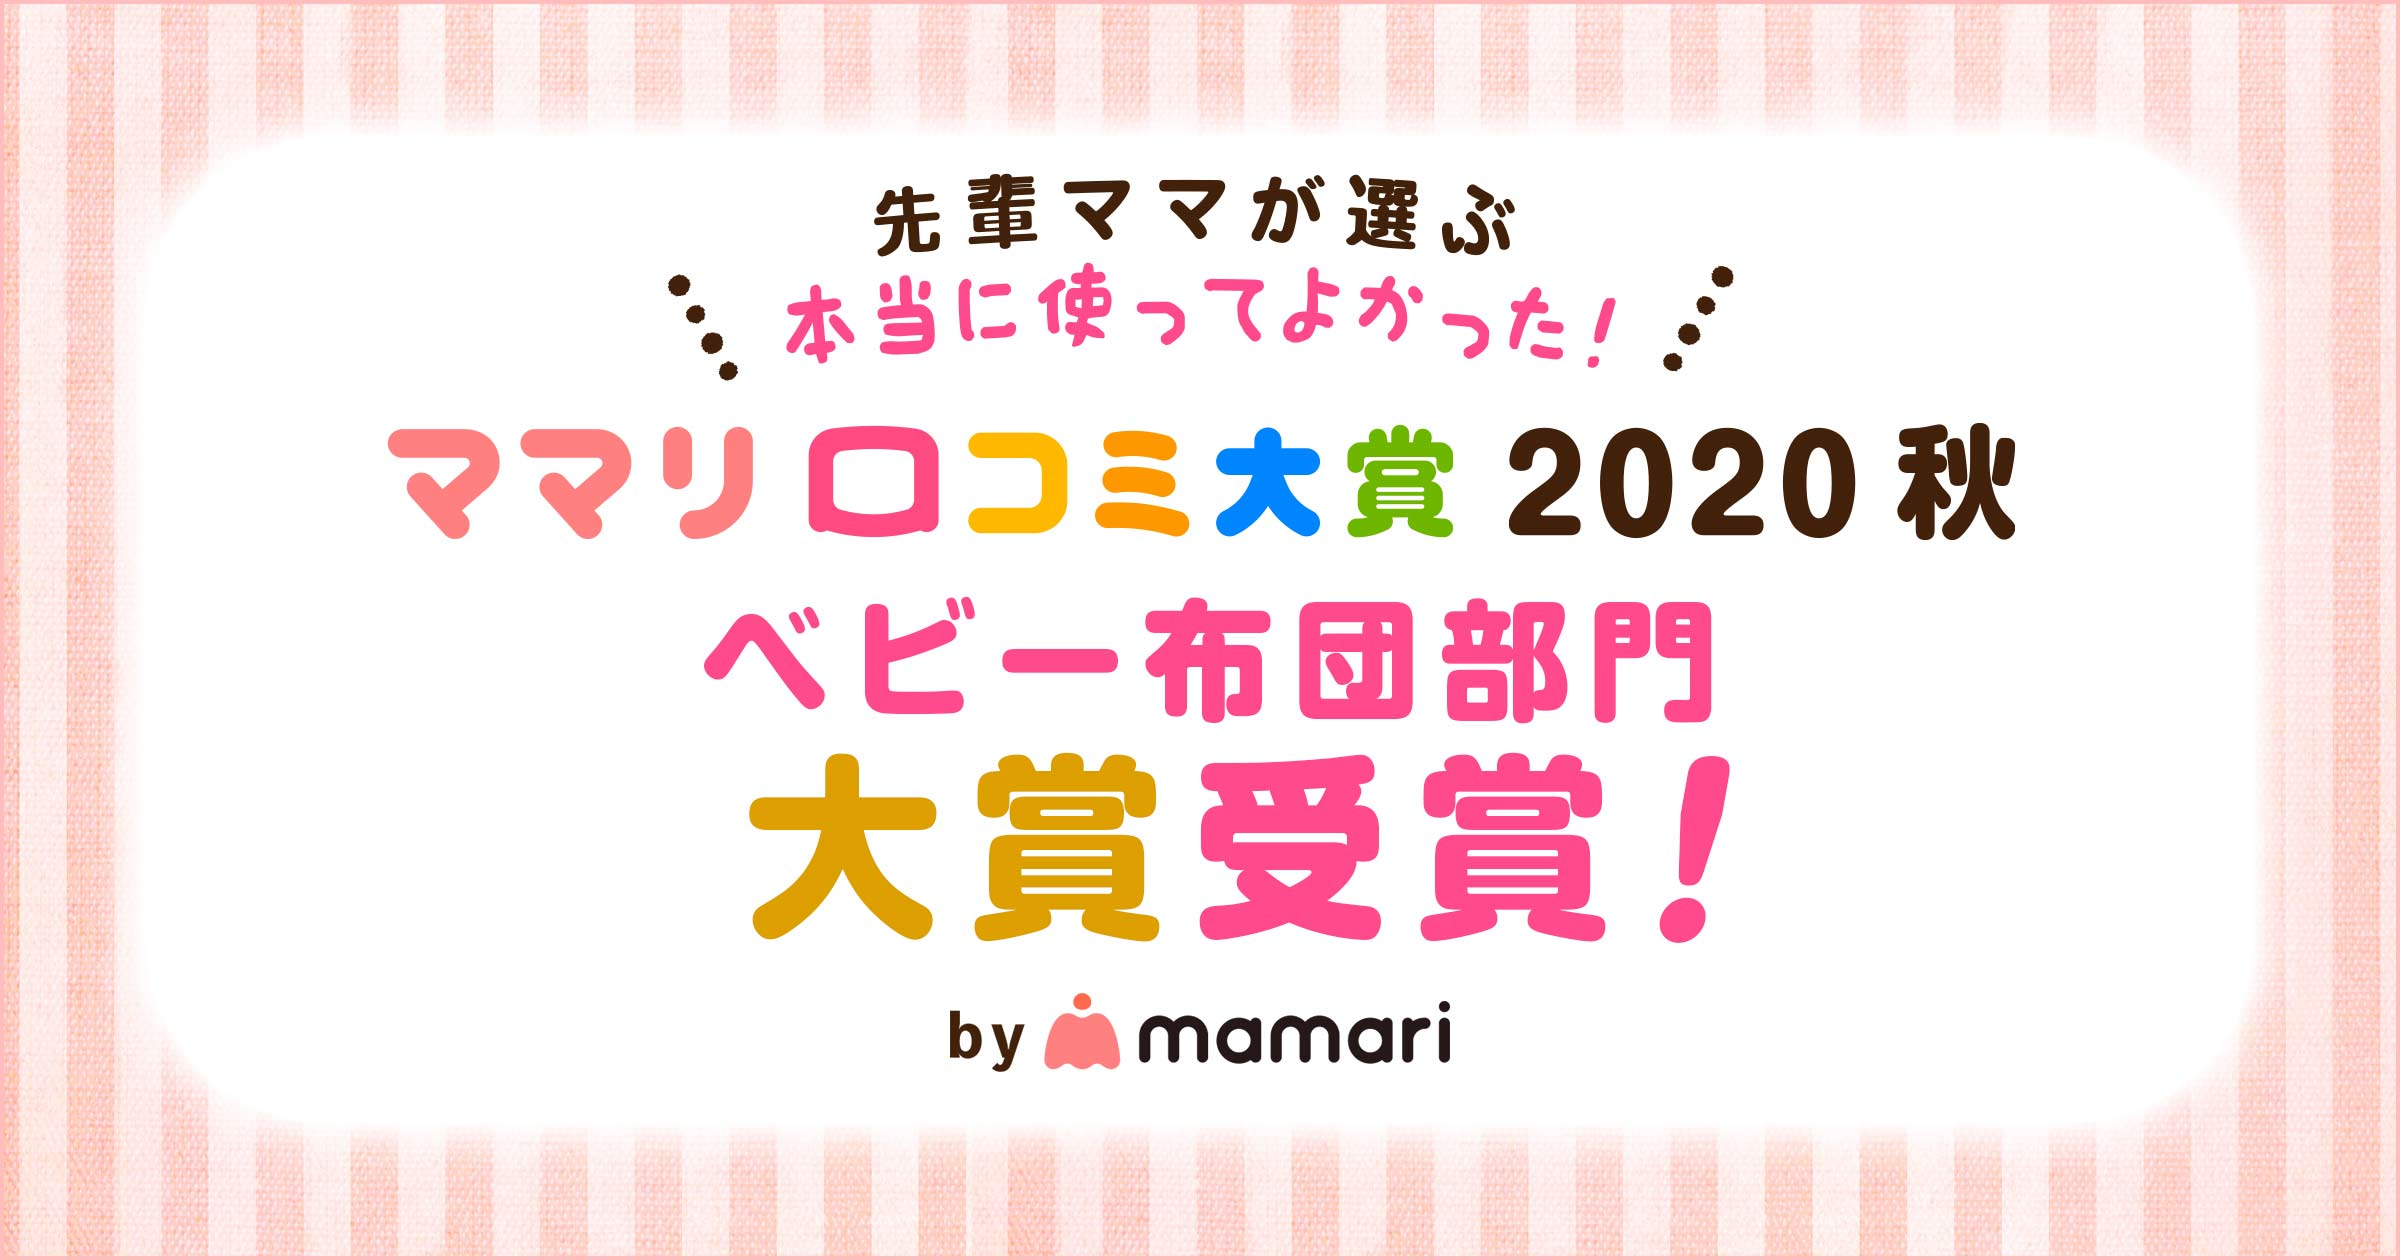 ママリ口コミ大賞2020 秋大賞